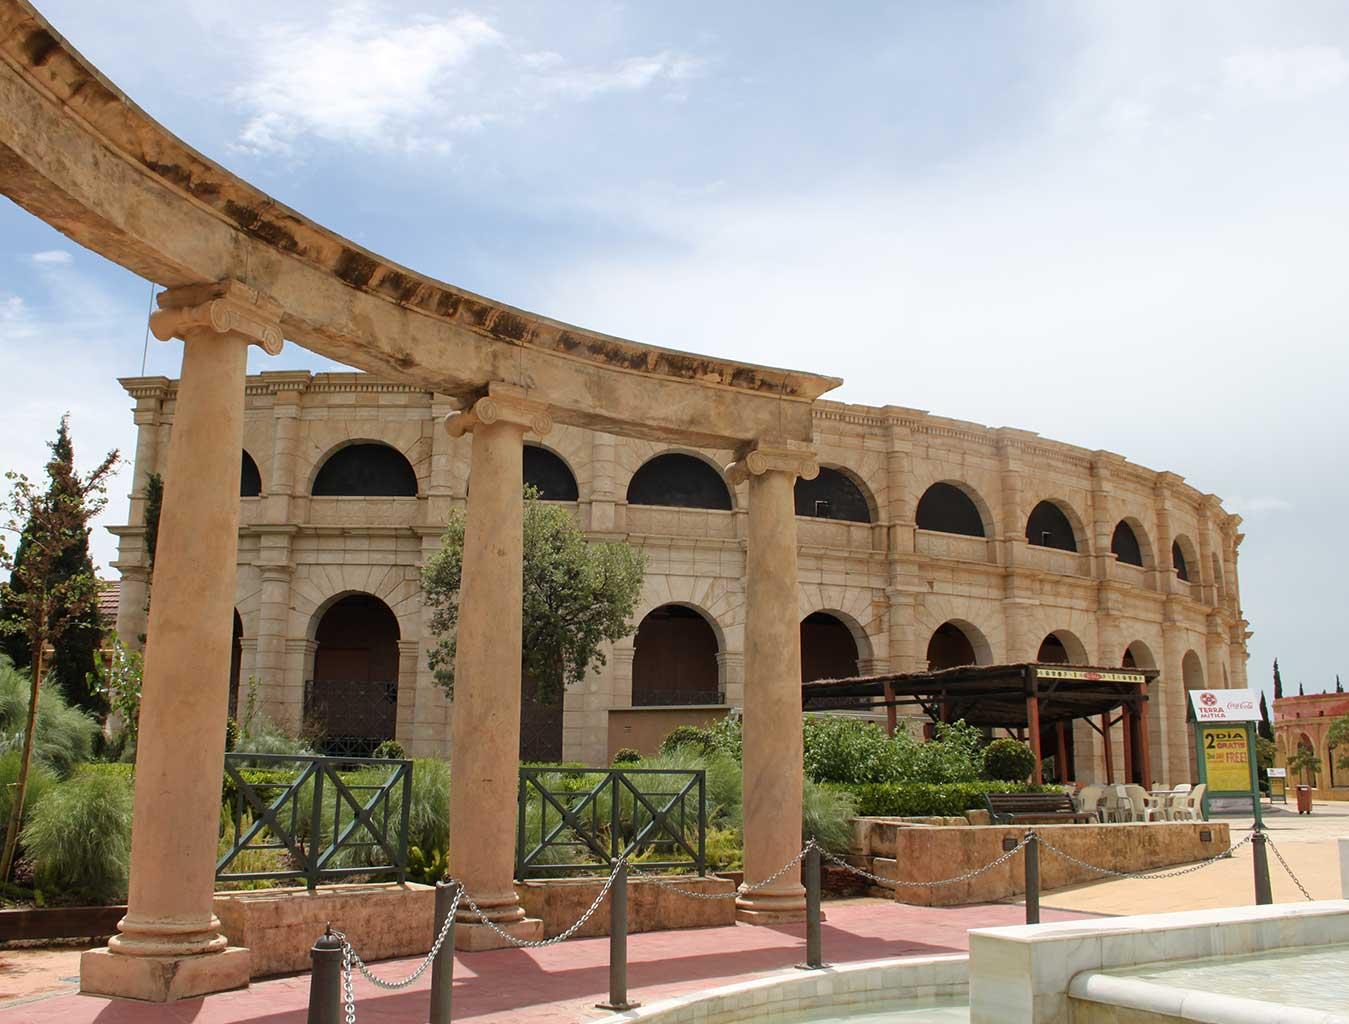 PLAZA DE ROMA - Organización de eventos Iberia Village